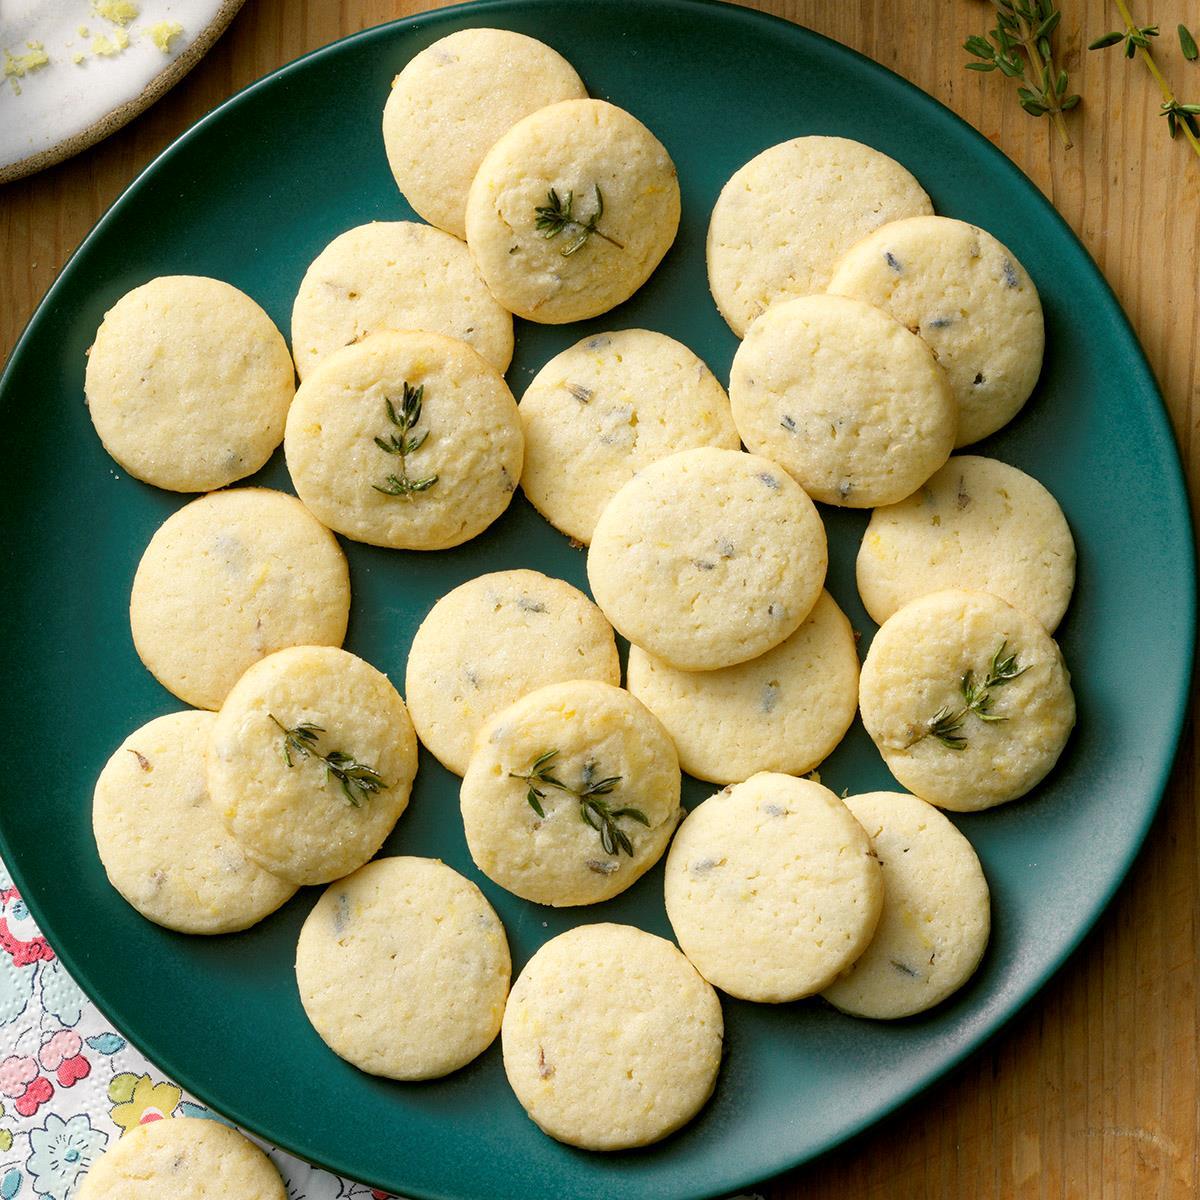 Receta de biscochitos de lavanda y limón